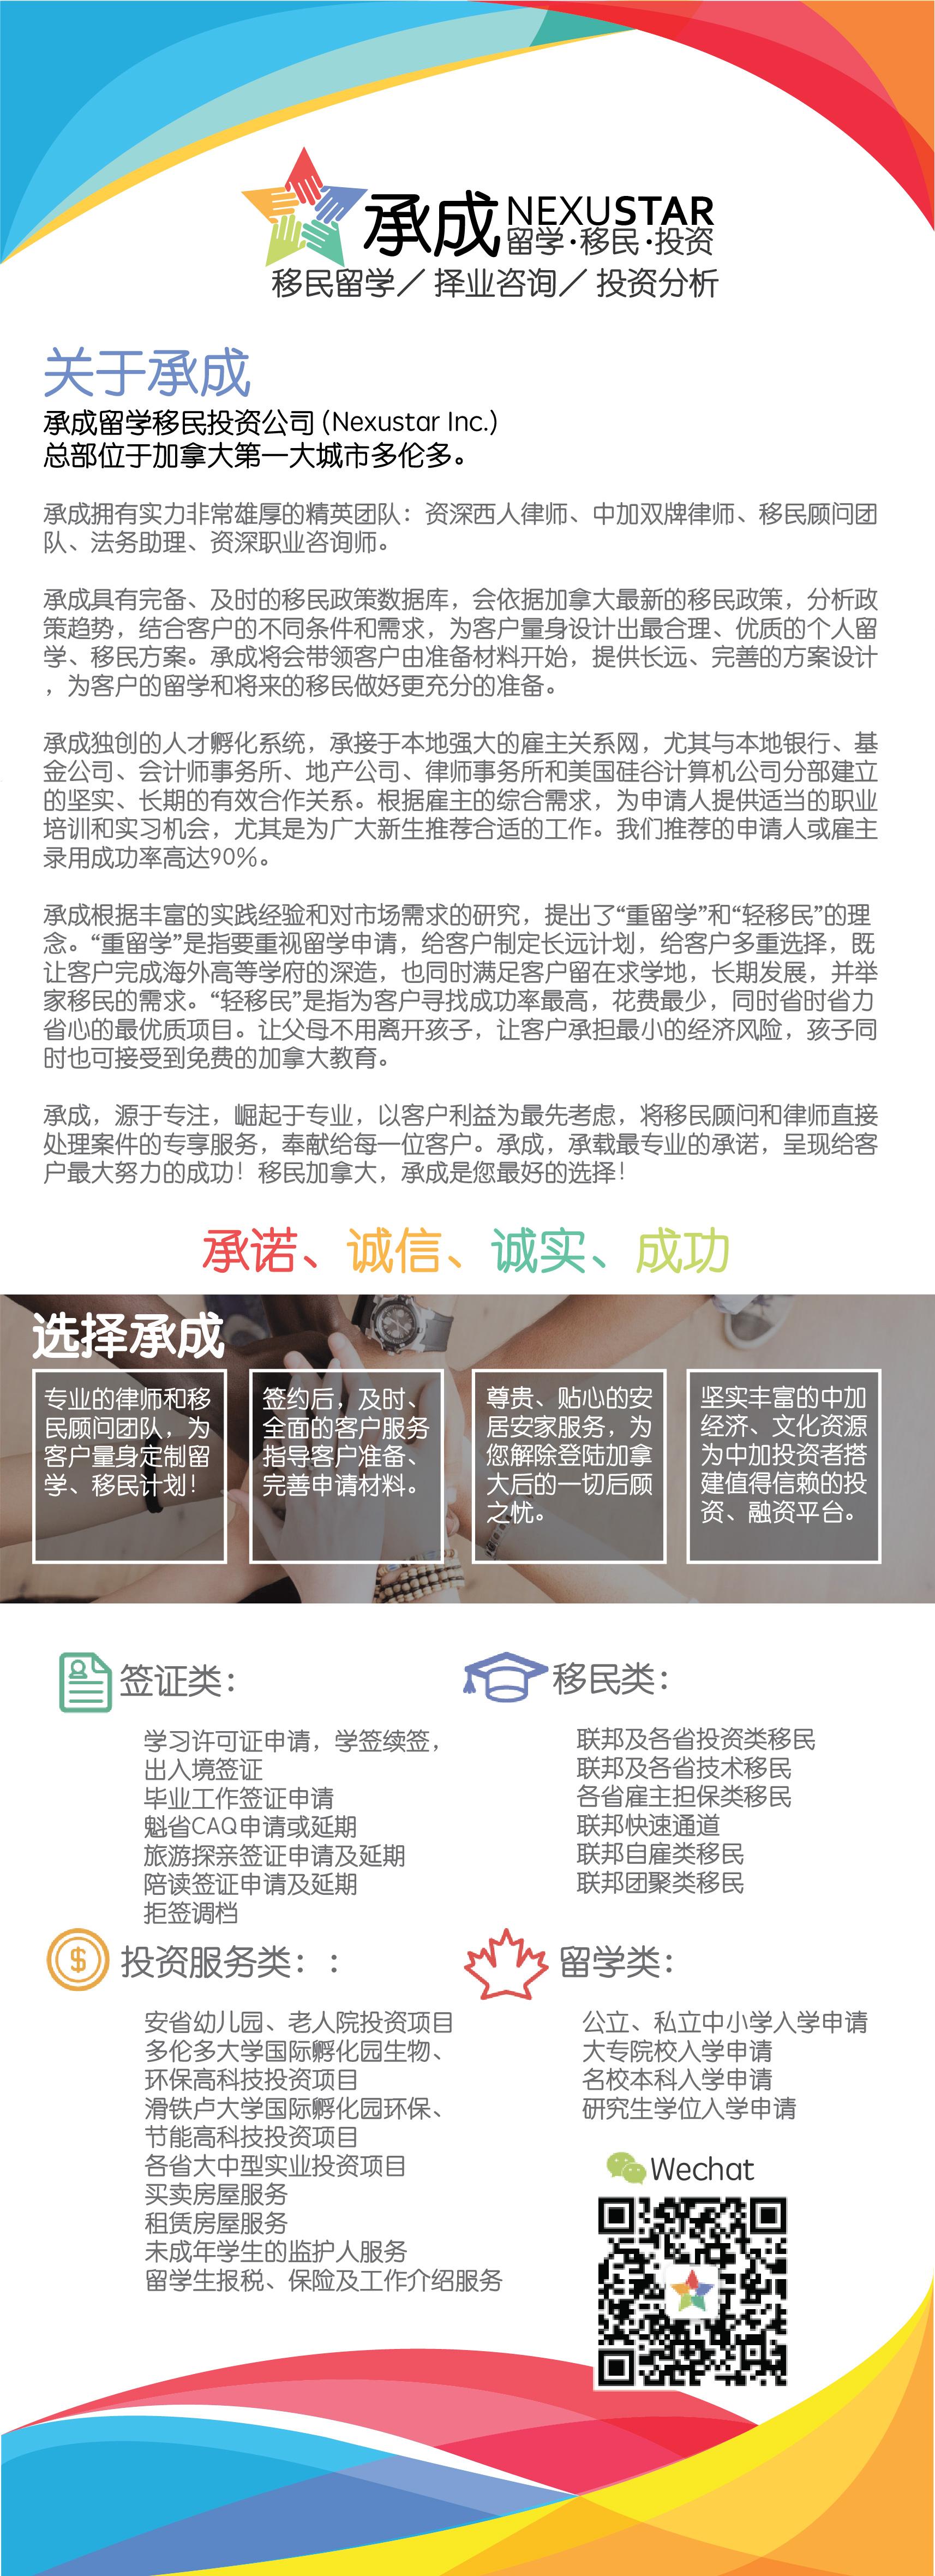 承成移民留学投资公司/承成/移民/投资/留学/Nexustar/加拿大留学/加拿大移民